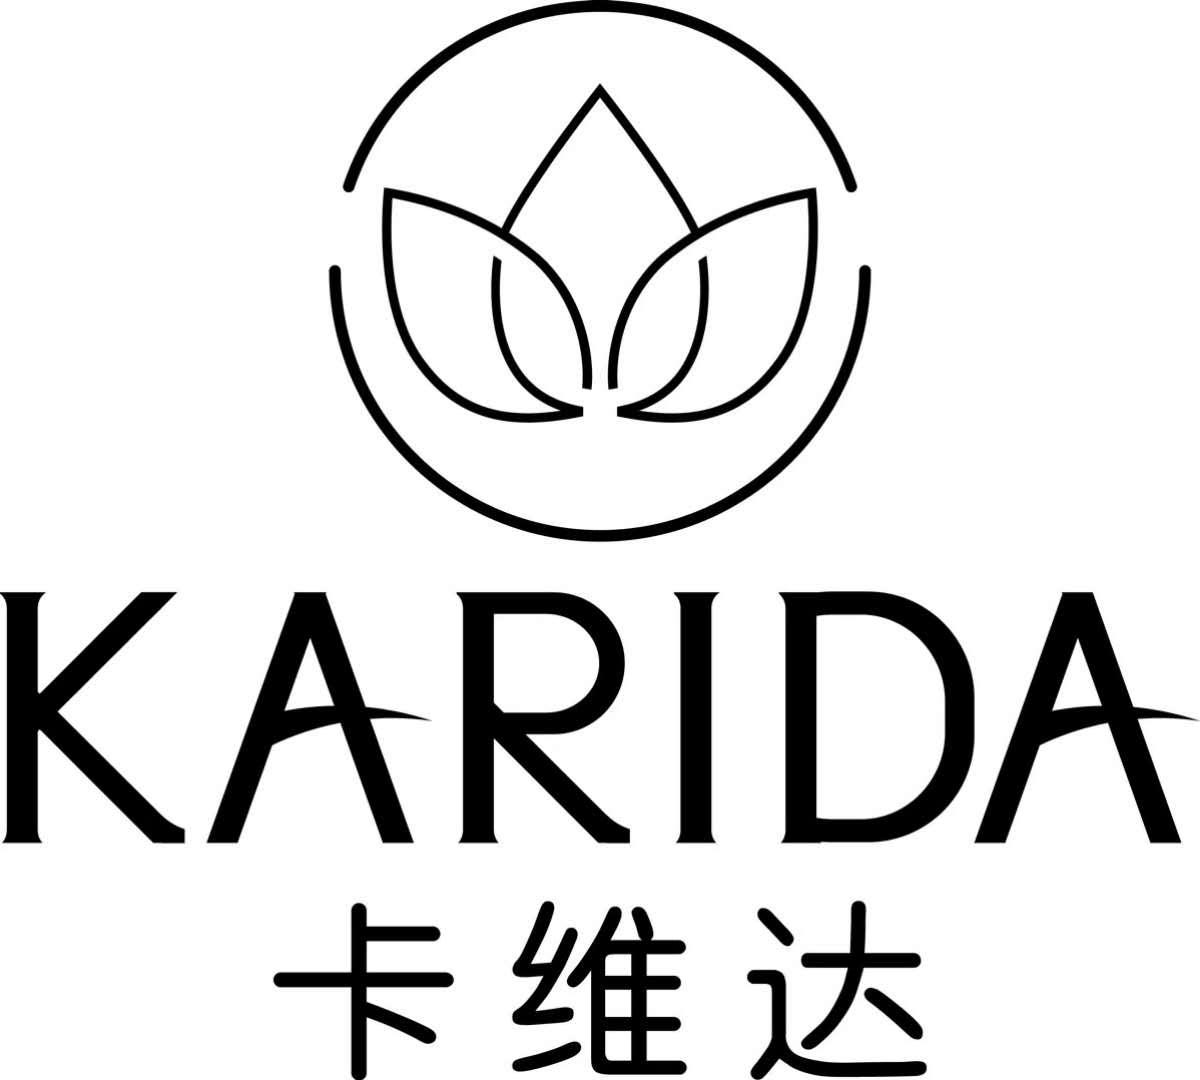 logo logo 标志 简笔画 设计 手绘 图标 线稿 1200_1080